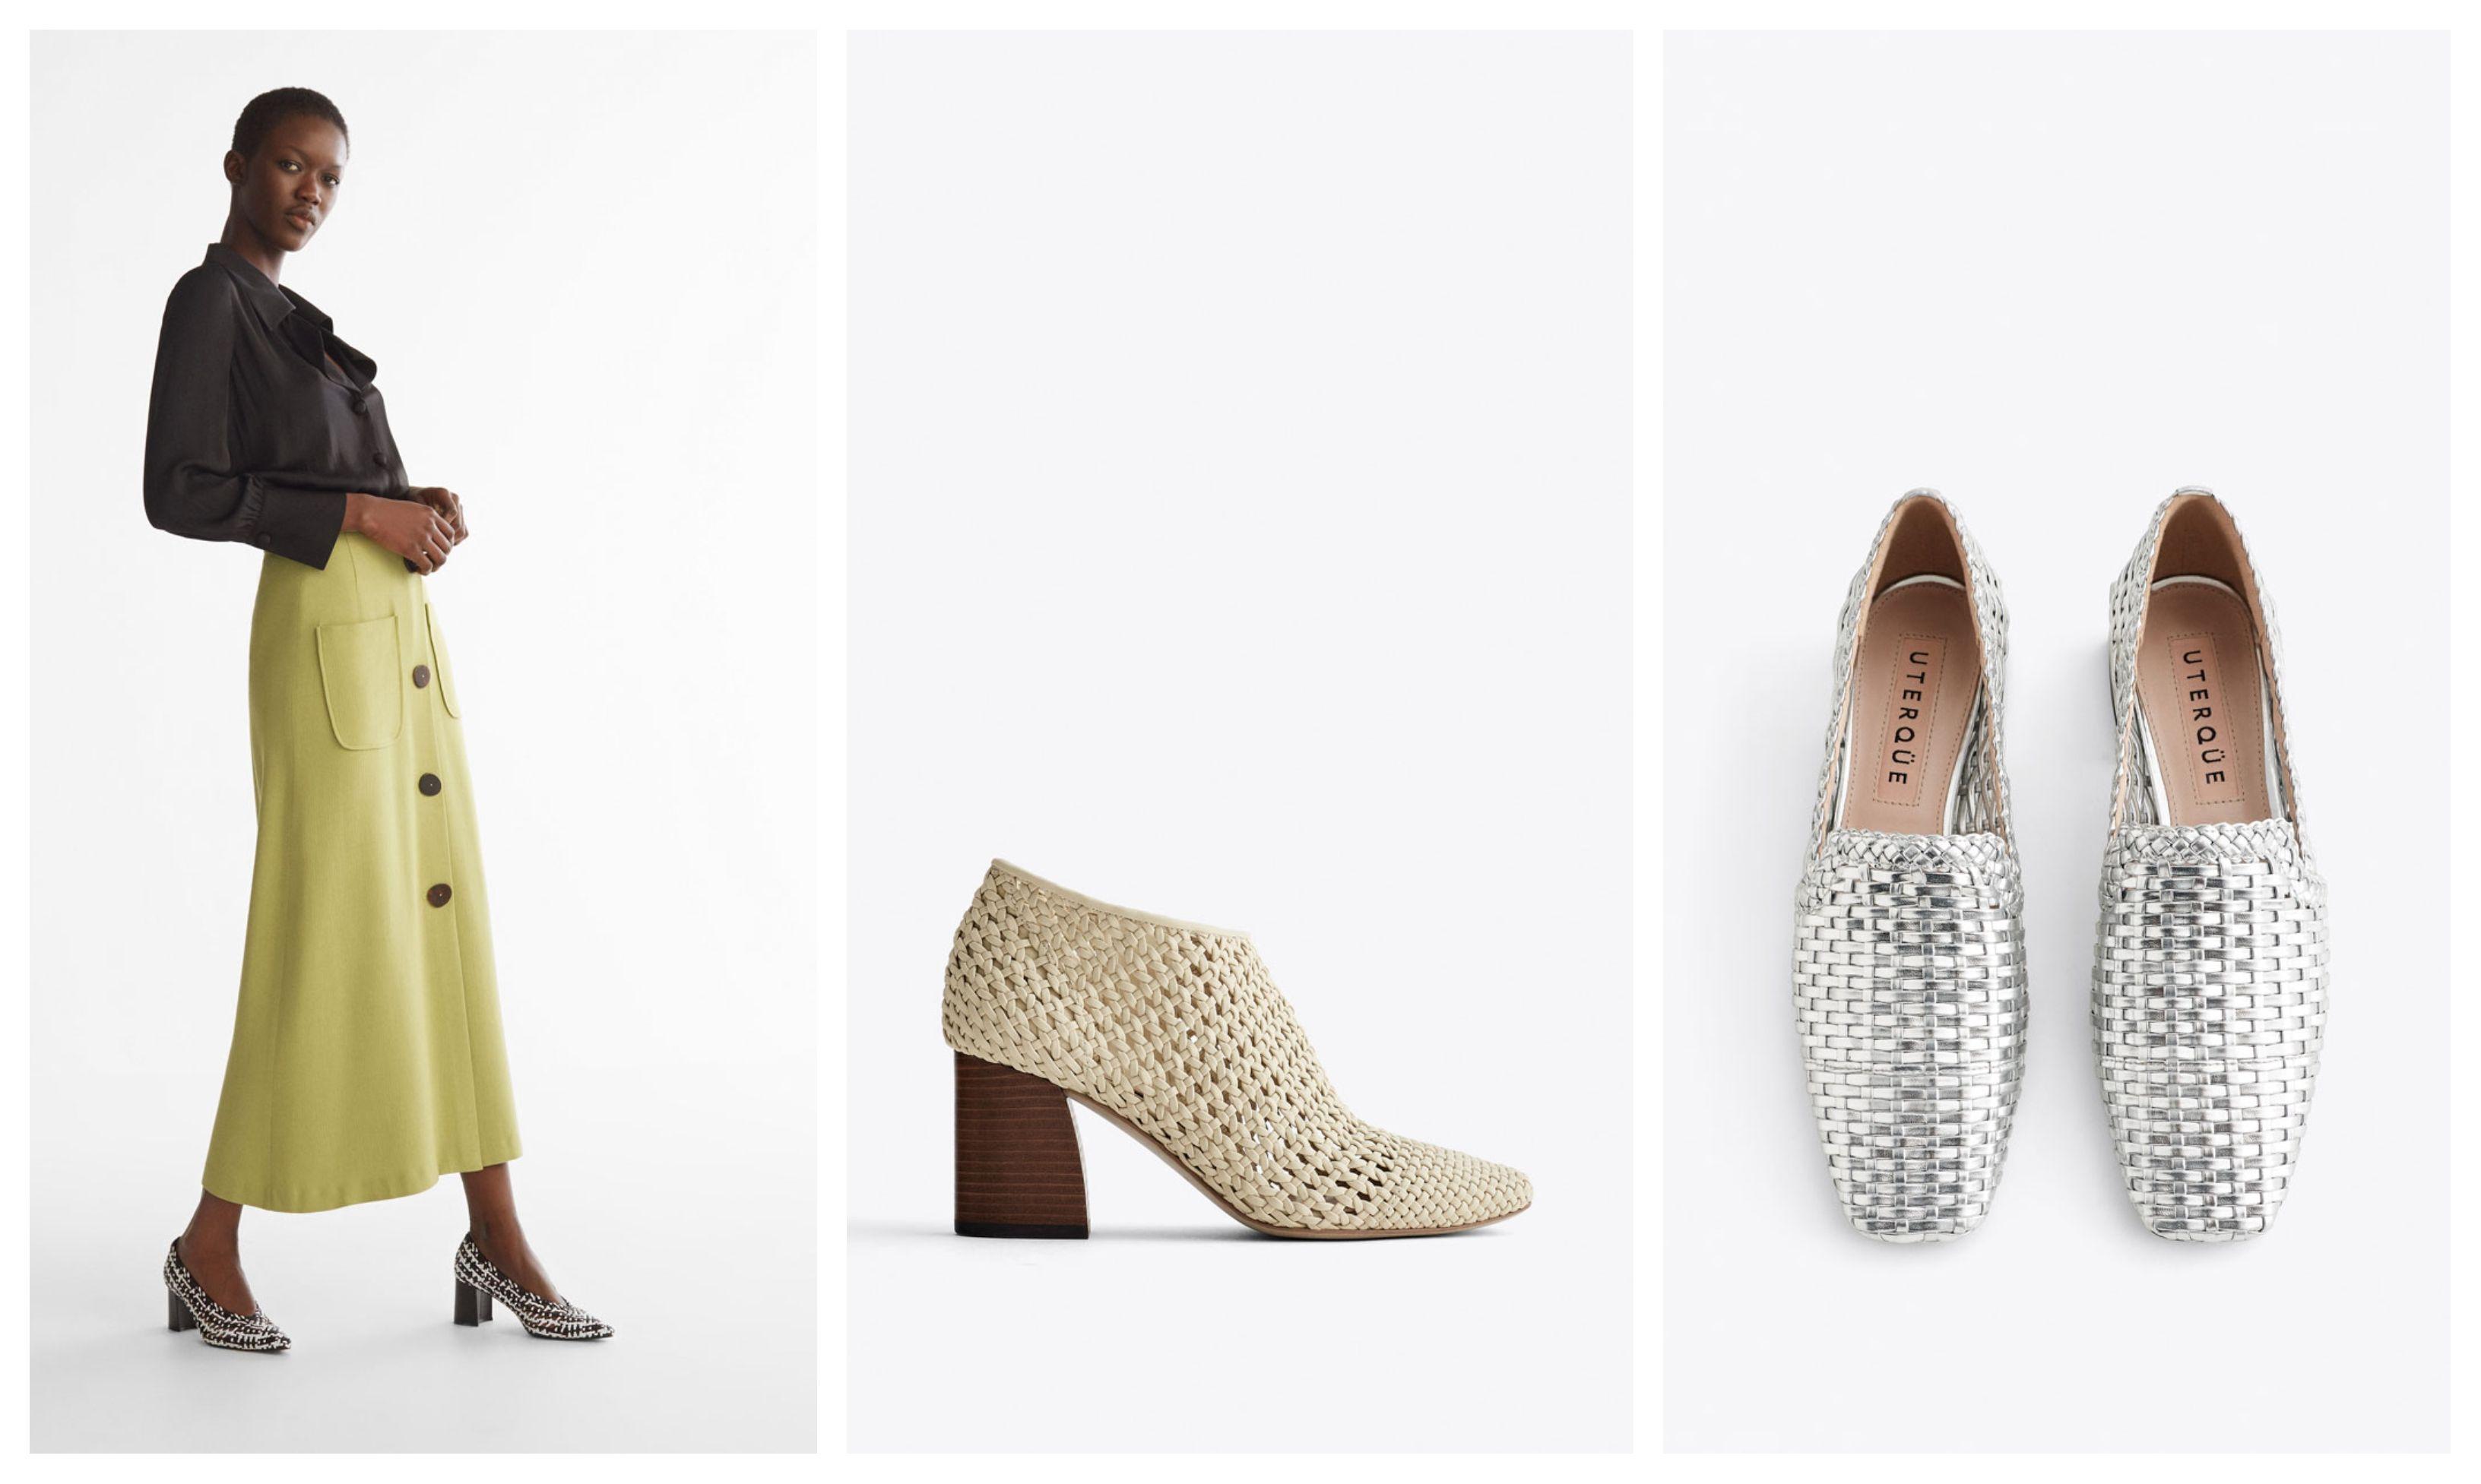 Trenzados Cómodos 10 Bonitos Zapatos Zara De UterqüeMango Y 7bfvYgy6